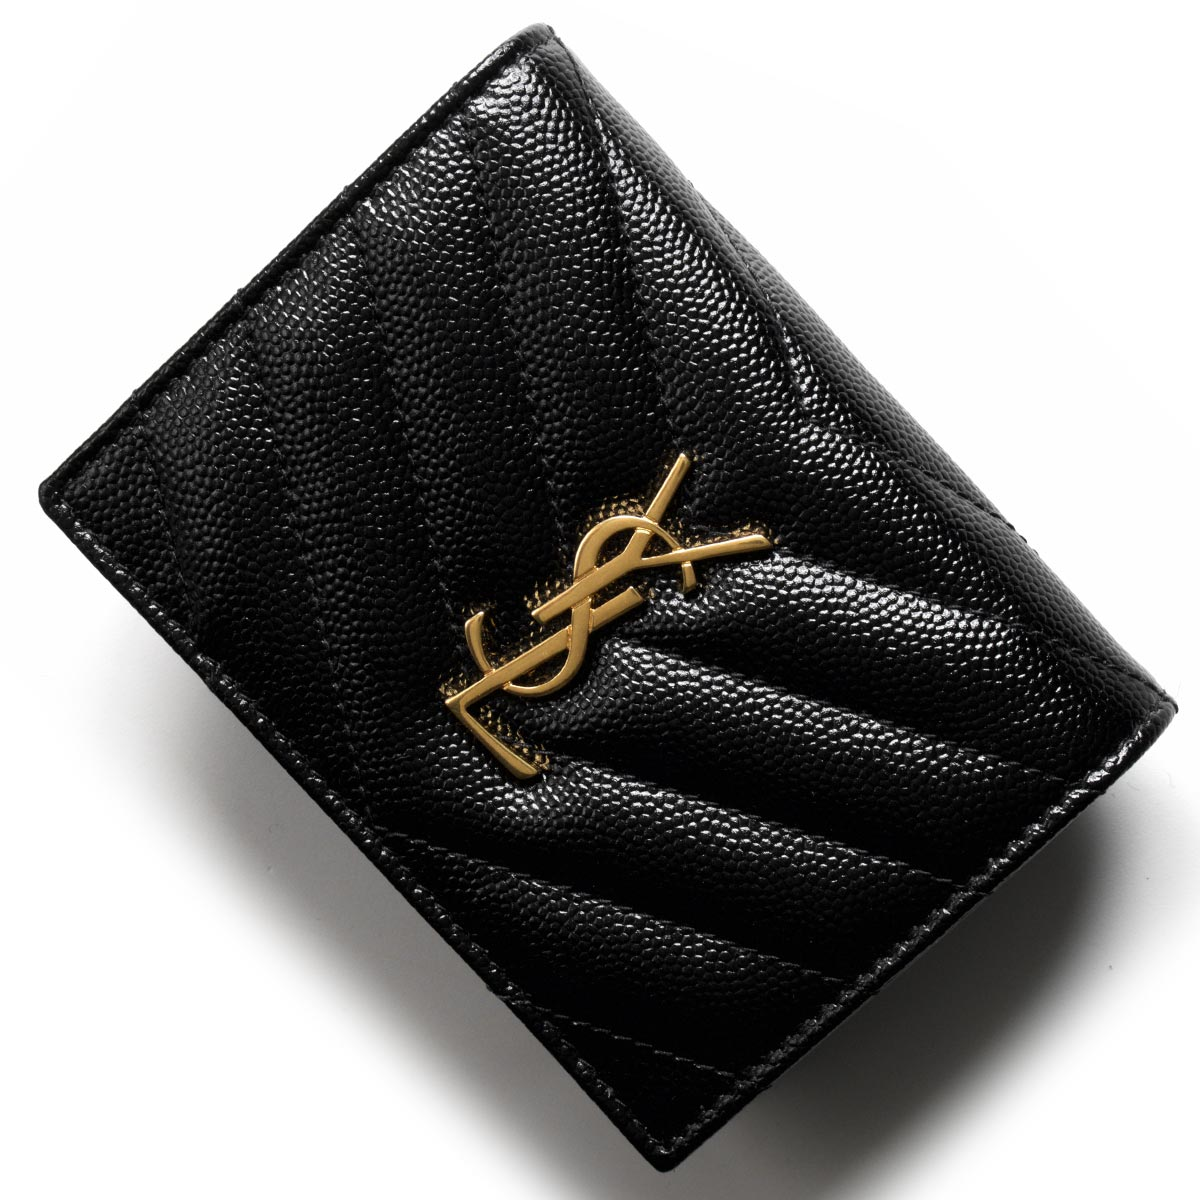 サンローランパリ イヴサンローラン 財布 二つ折り財布 財布 レディース モノグラム YSL ブラック 530841 BOWA1 1000 SAINT LAURENT PARIS バーゲン